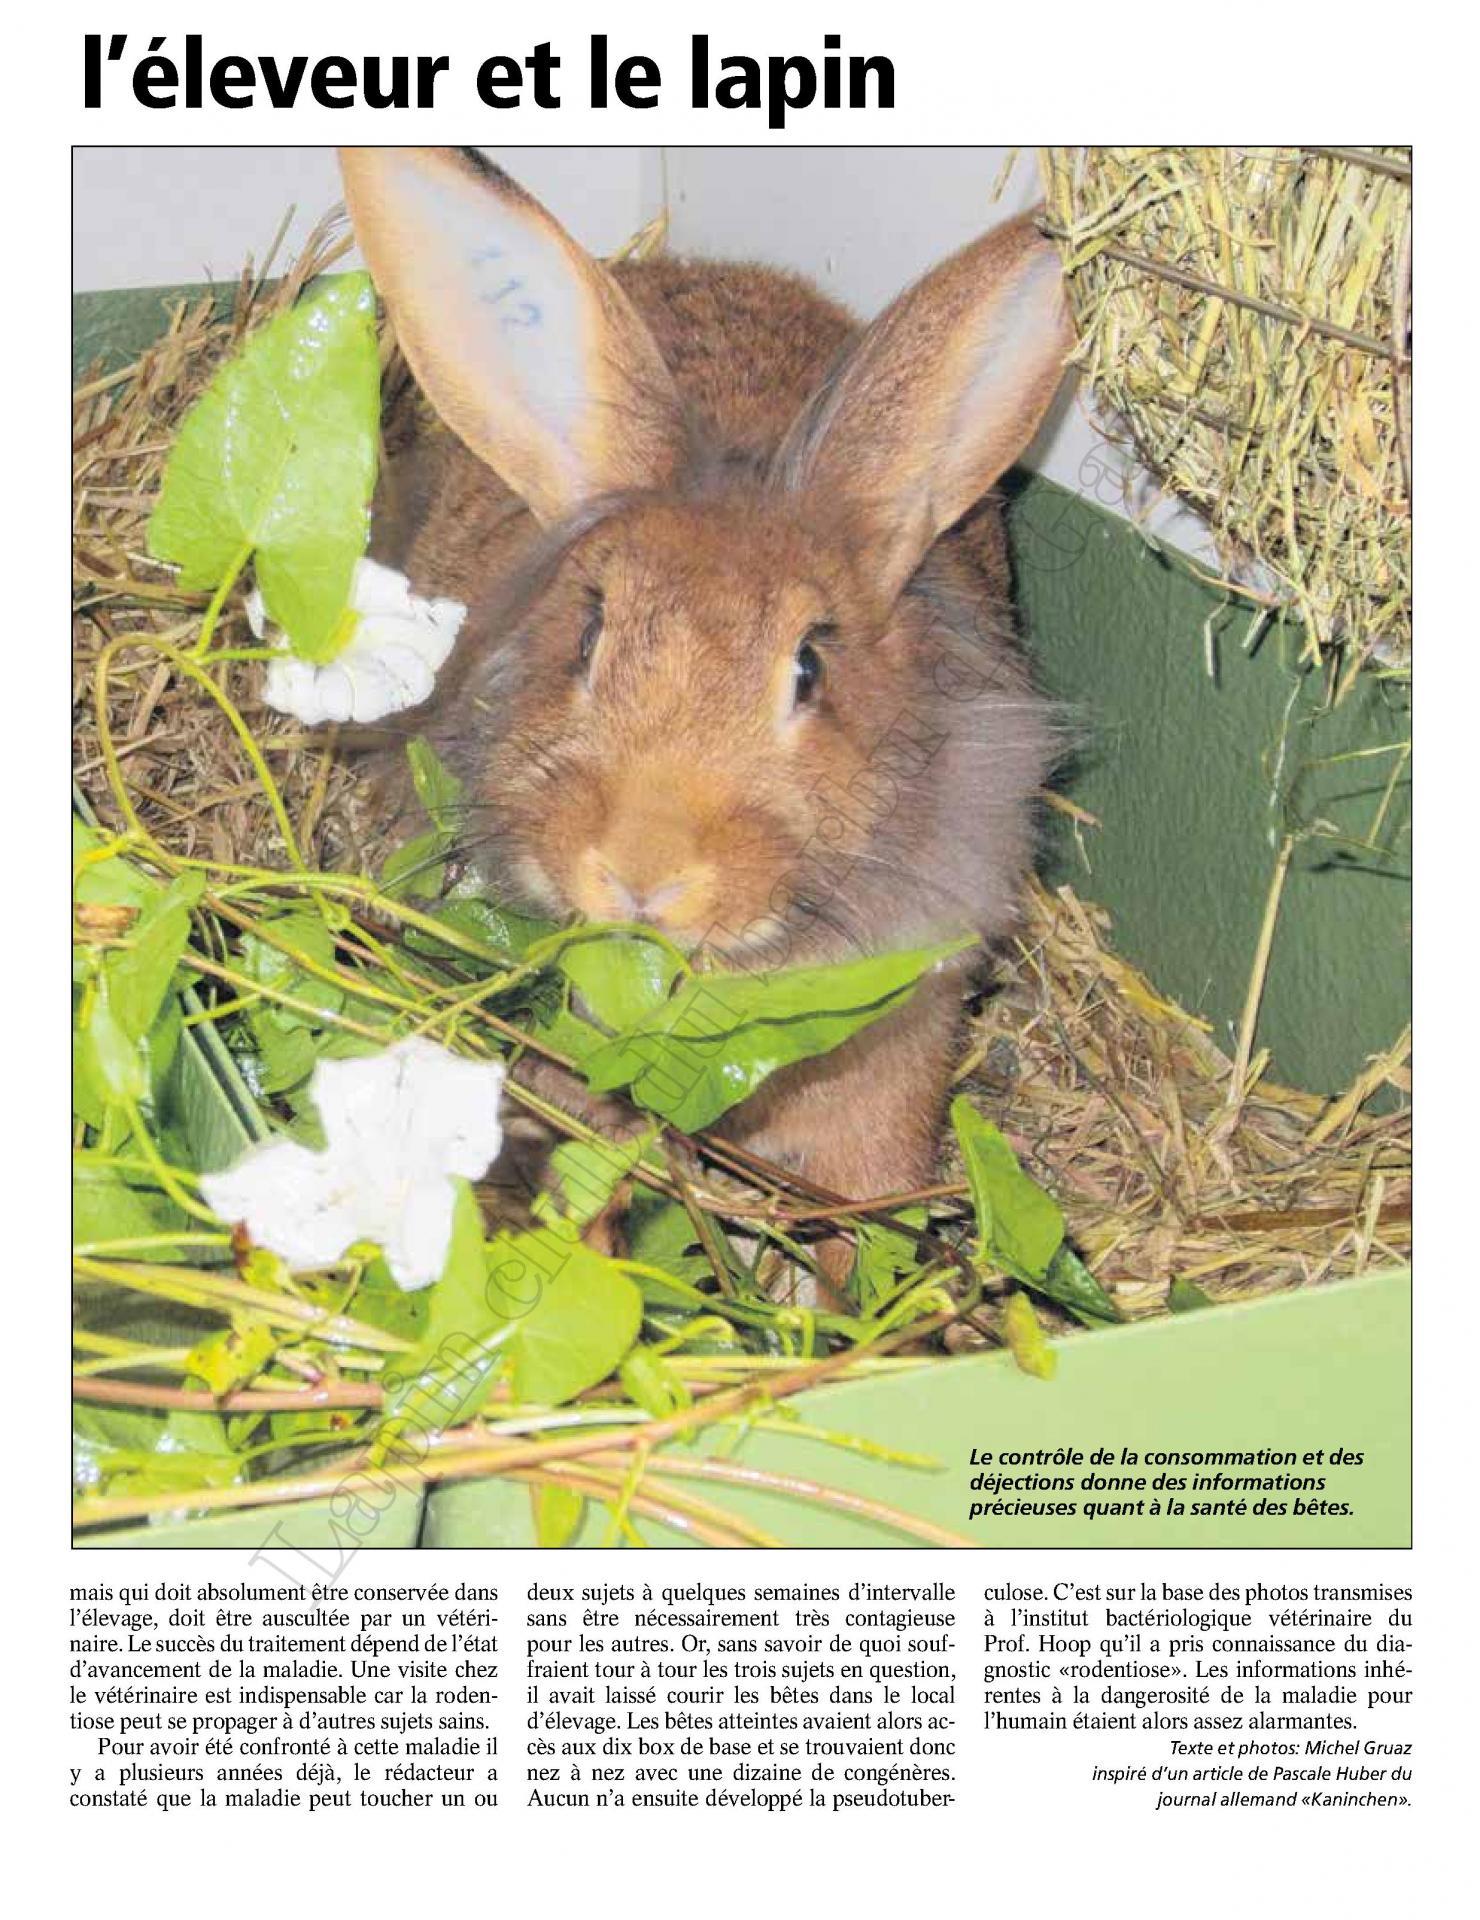 La rodentiose dangereuse pour l eleveur et le lapin 2